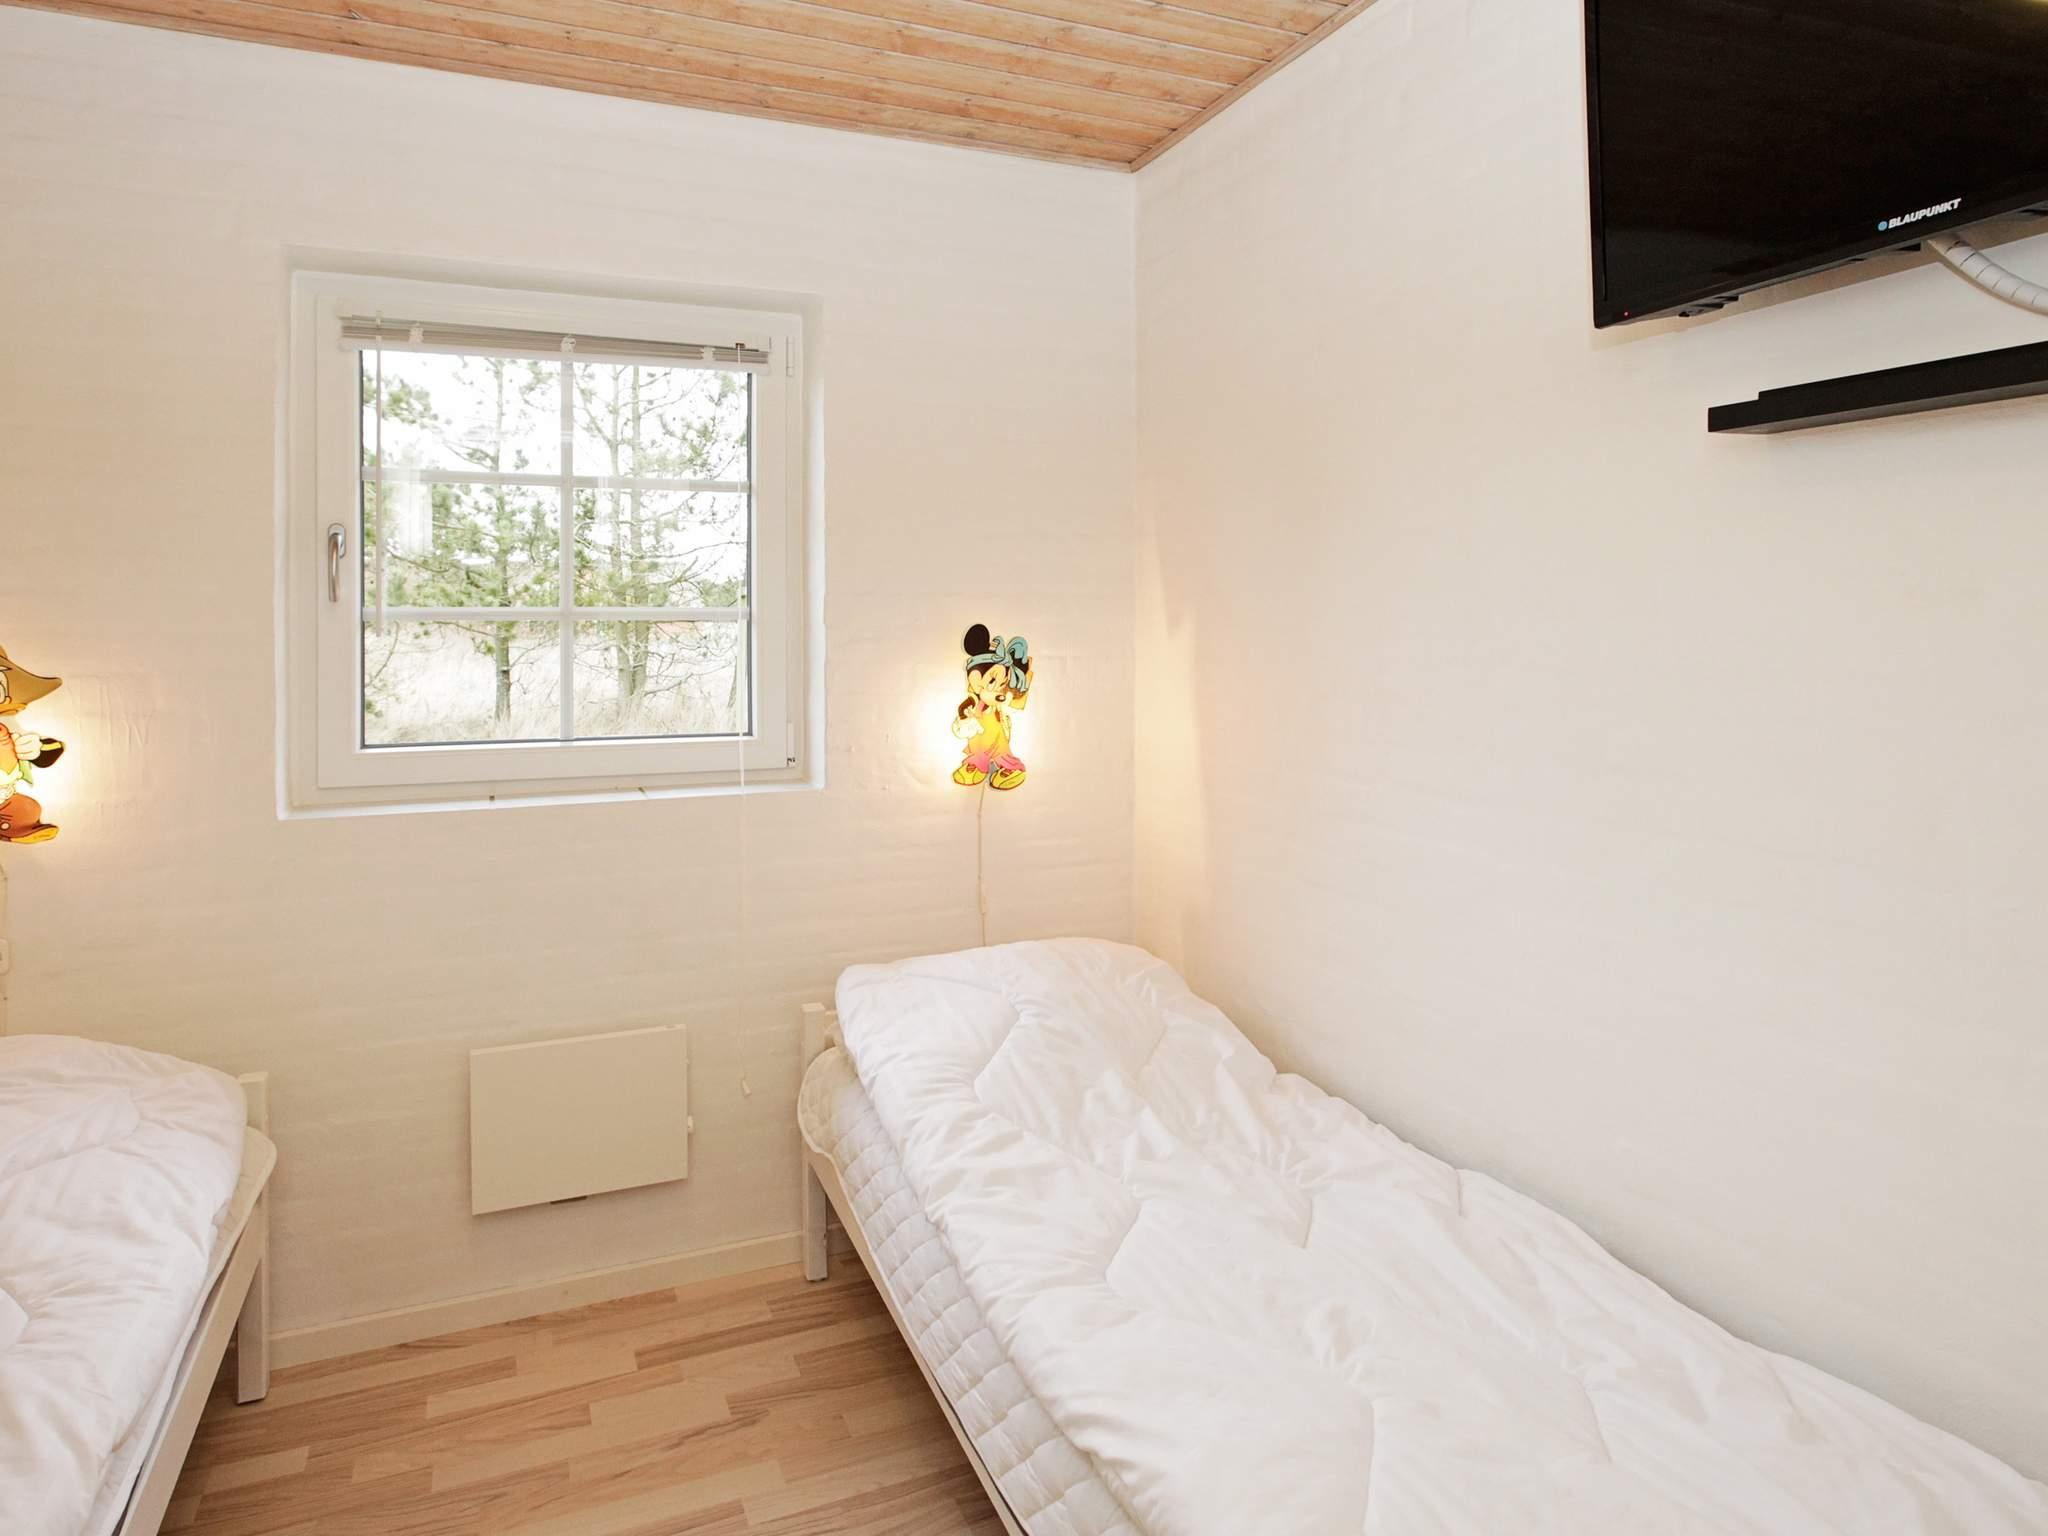 Ferienhaus Vester Husby (84236), Ulfborg, , Westjütland, Dänemark, Bild 19